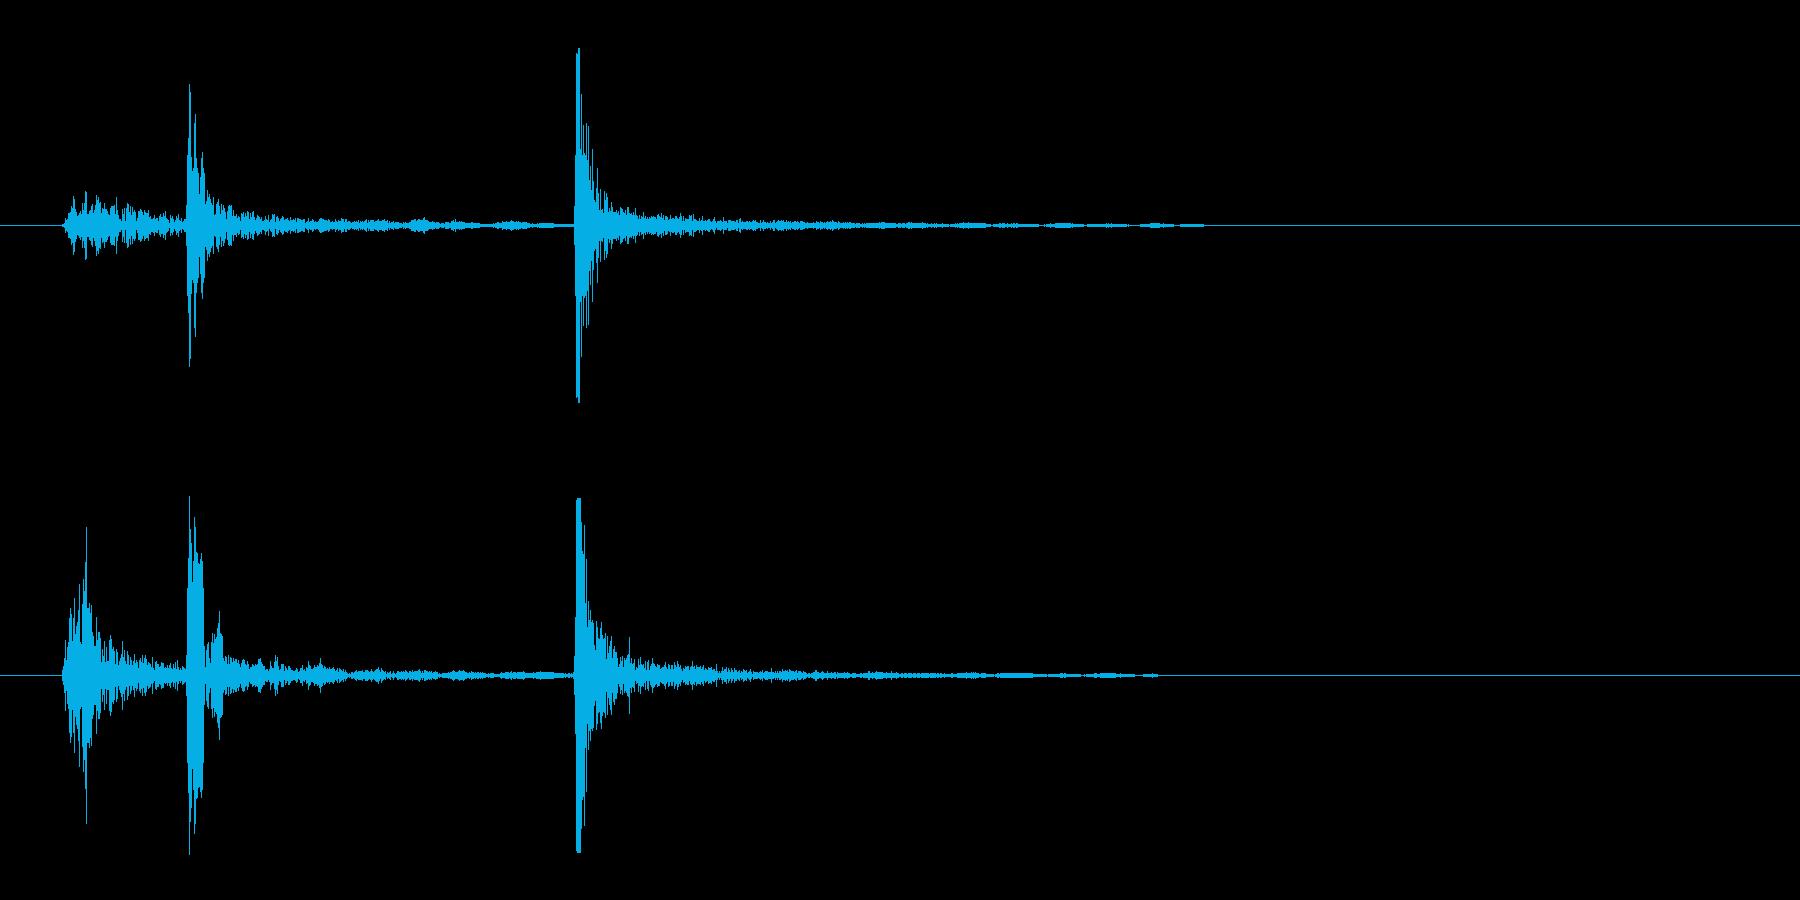 カチッ(駒を置いた時のような音)の再生済みの波形